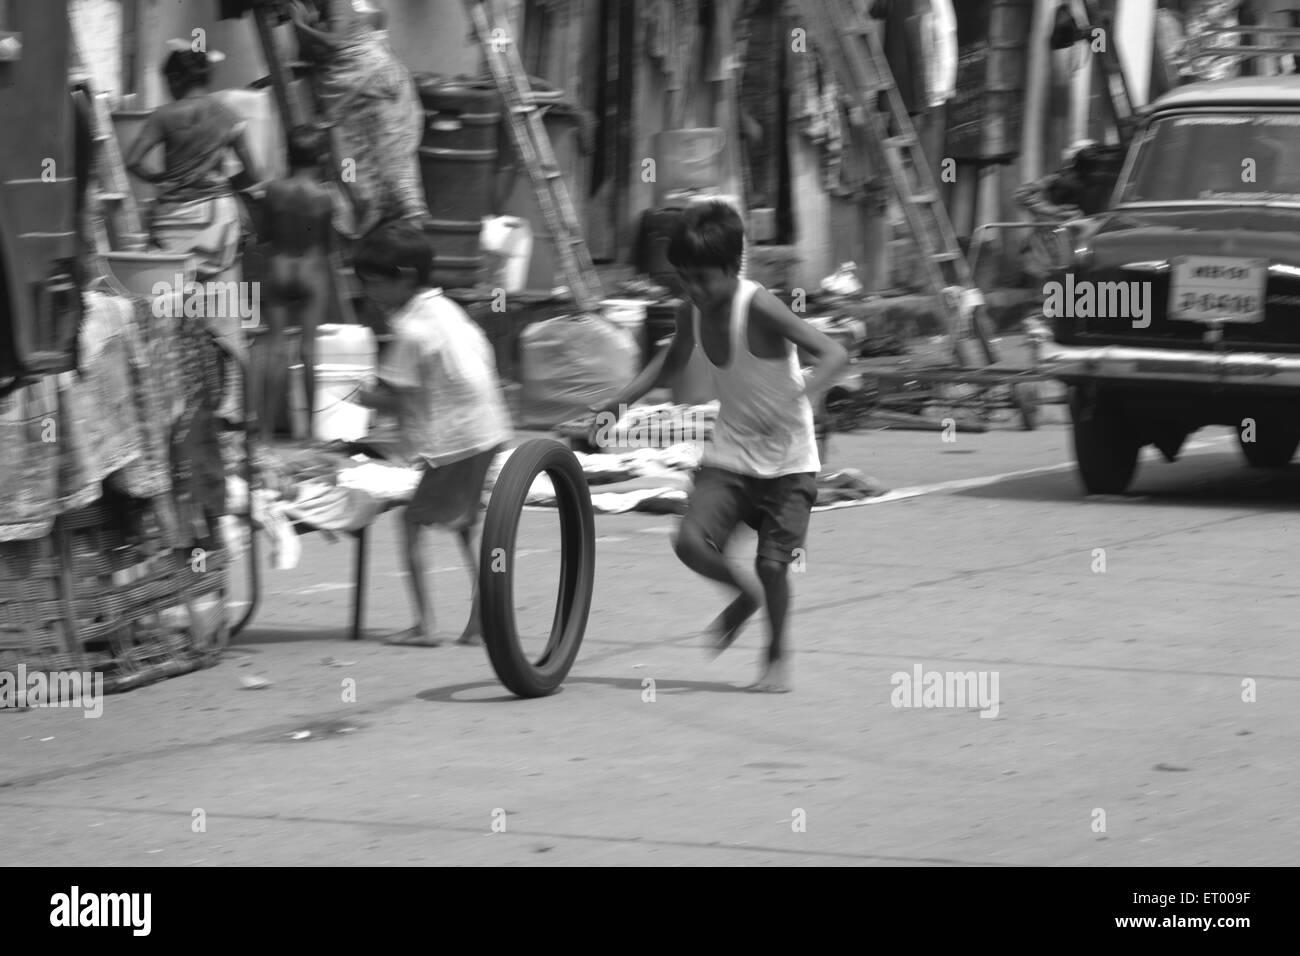 Boy playing with tire Byculla slums N M Joshi Road Bombay Mumbai Maharashtra India - Stock Image